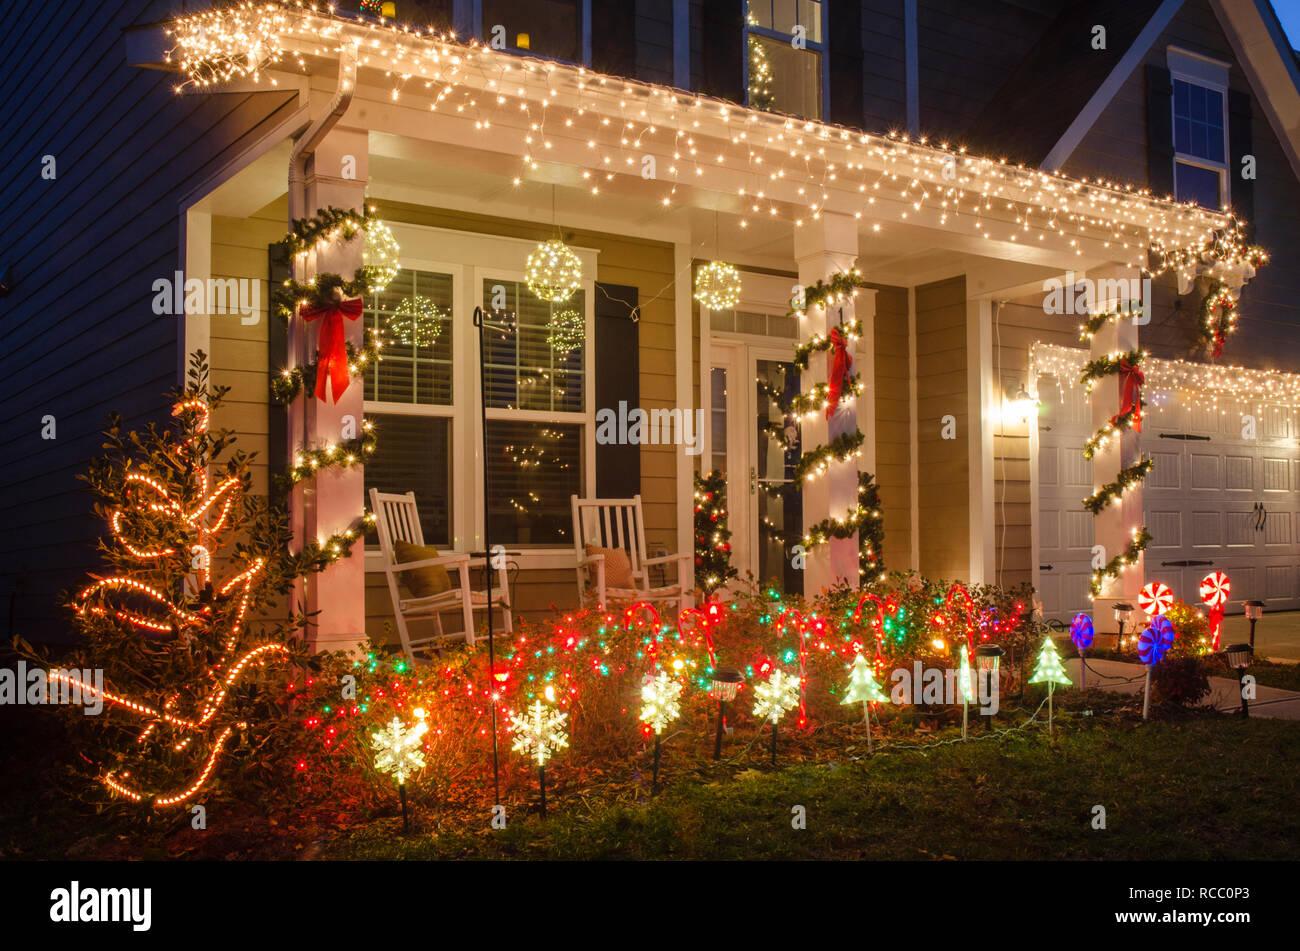 Casafacile > case > idee e soluzioni > idee per decorare la casa a natale. Decorate Case Per Le Vacanze Foto Stock Alamy